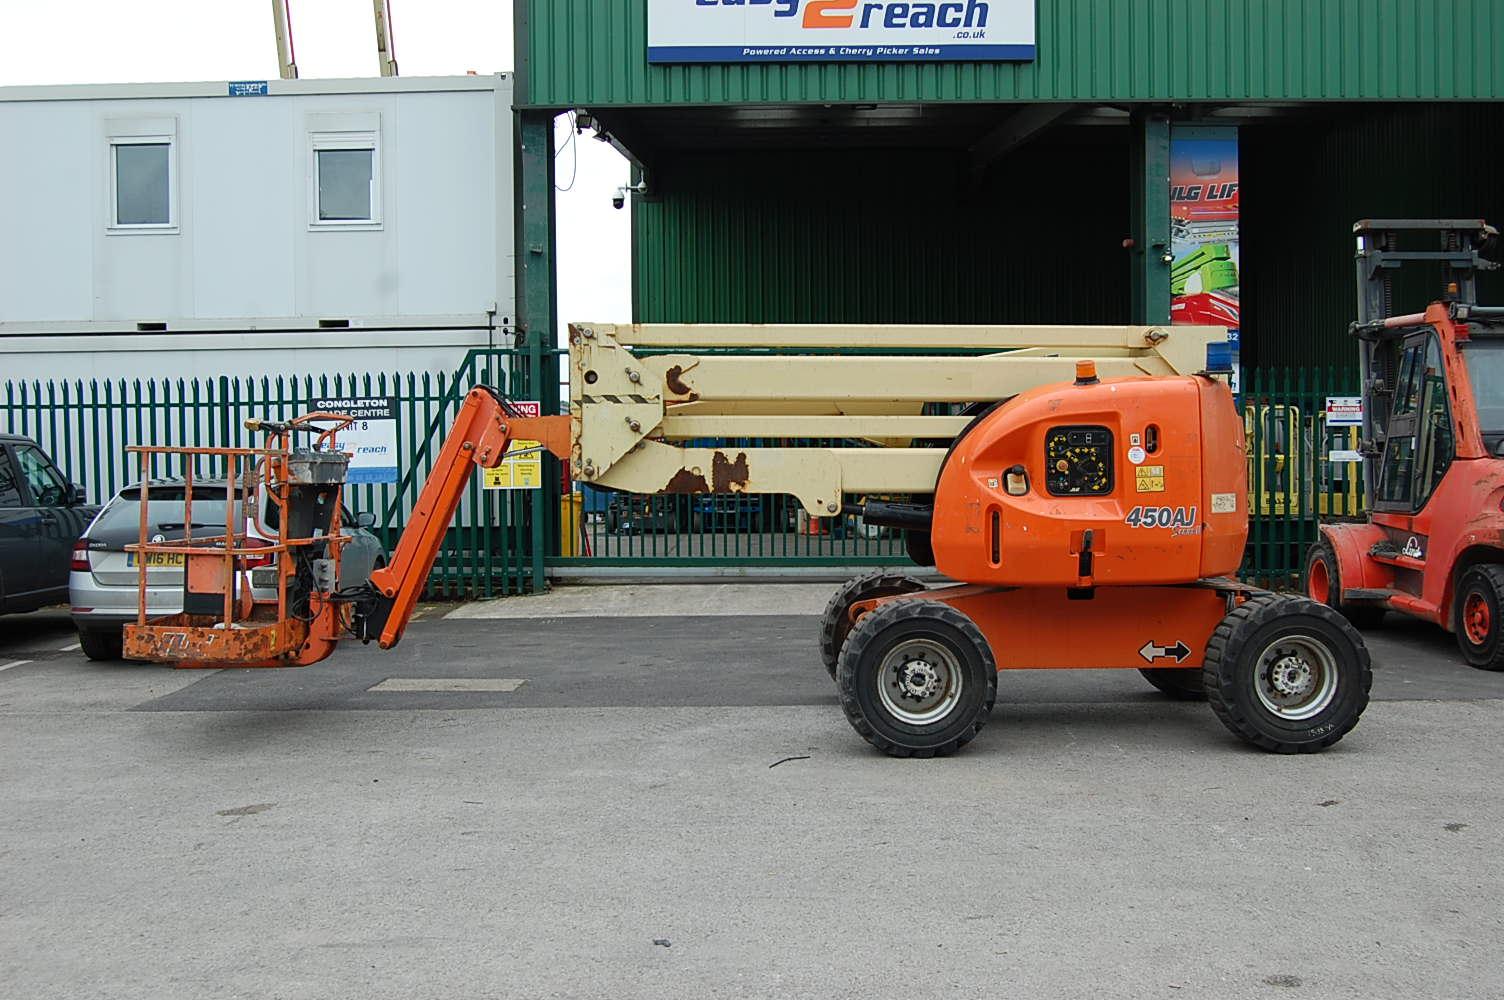 2007 JLG 450AJ Rough Terrain Boom Lift 15.5m